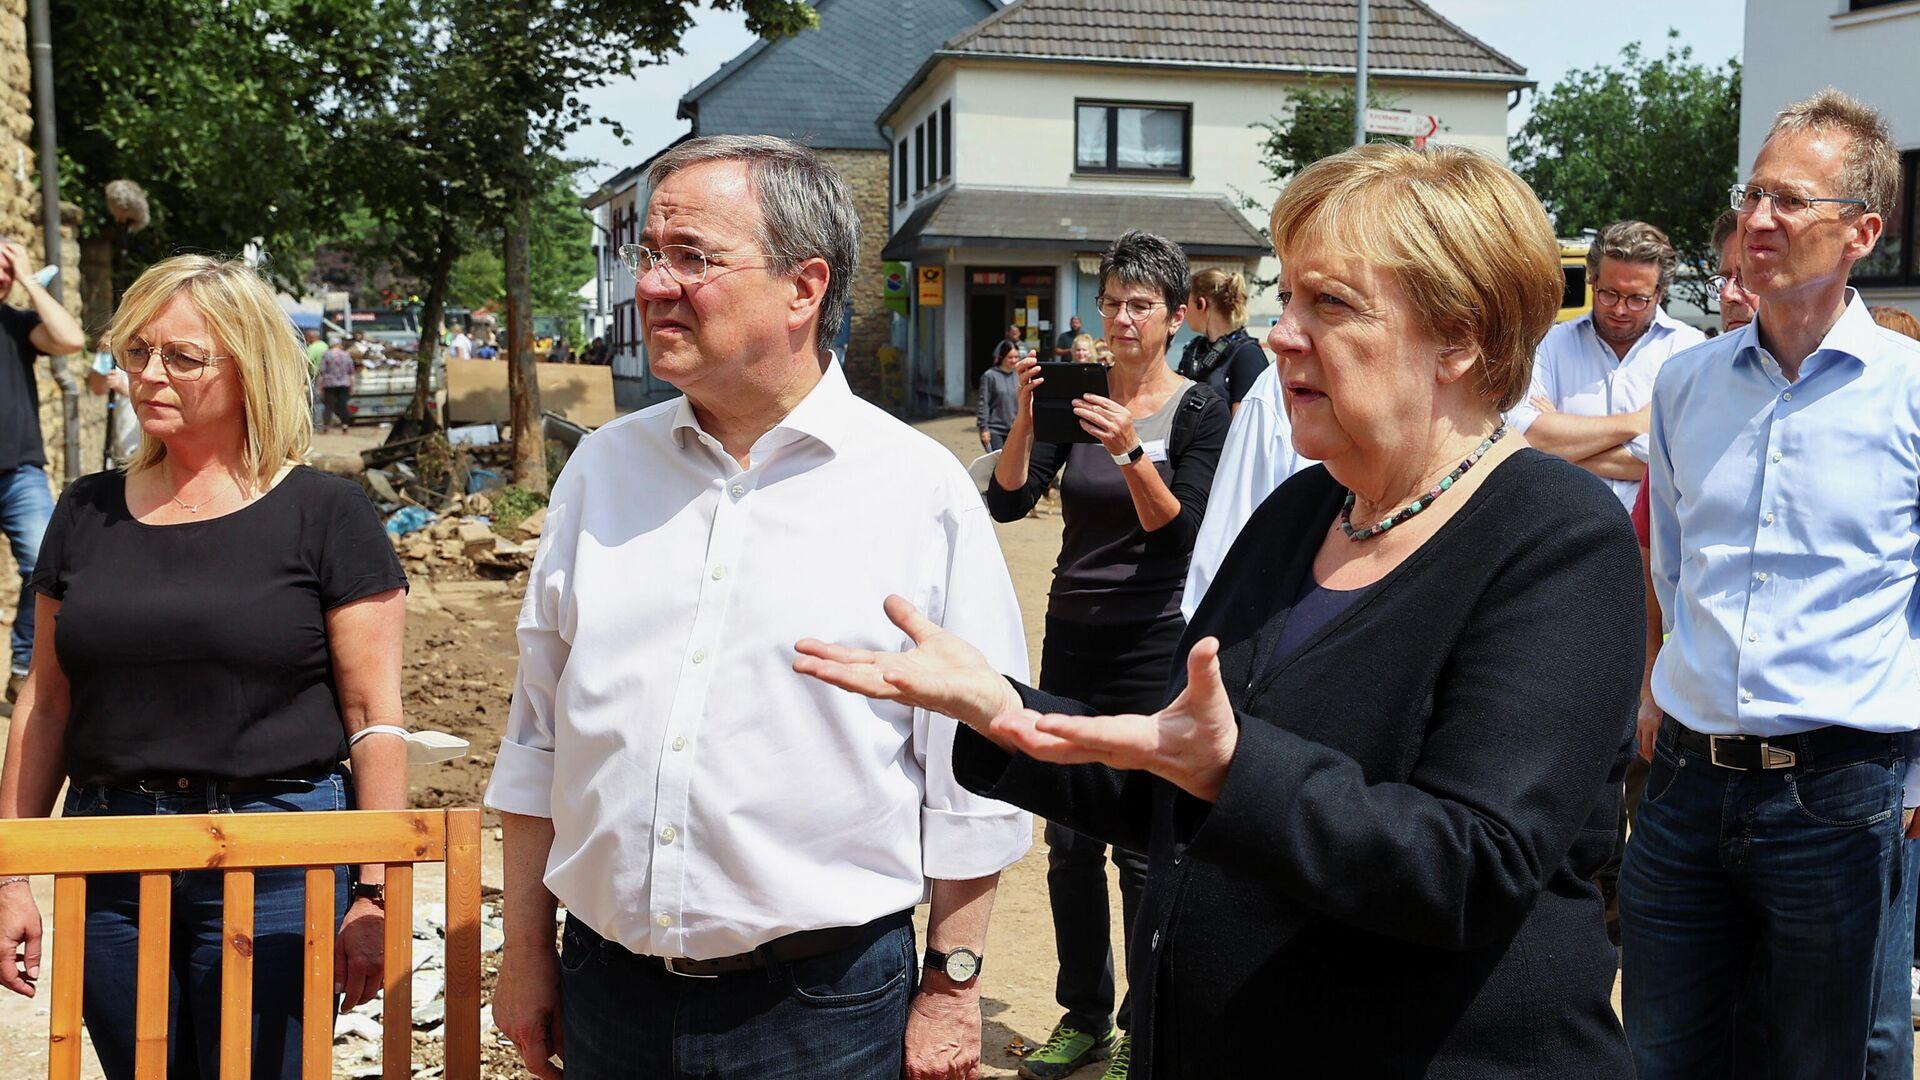 Kanzlerin Angela Merkel besucht gemeinsam mit Nordrhein-Westfalens Ministerpräsident Armin Laschet das vom Hochwasser schwer betroffene Bad Münstereifel  - SNA, 1920, 20.07.2021